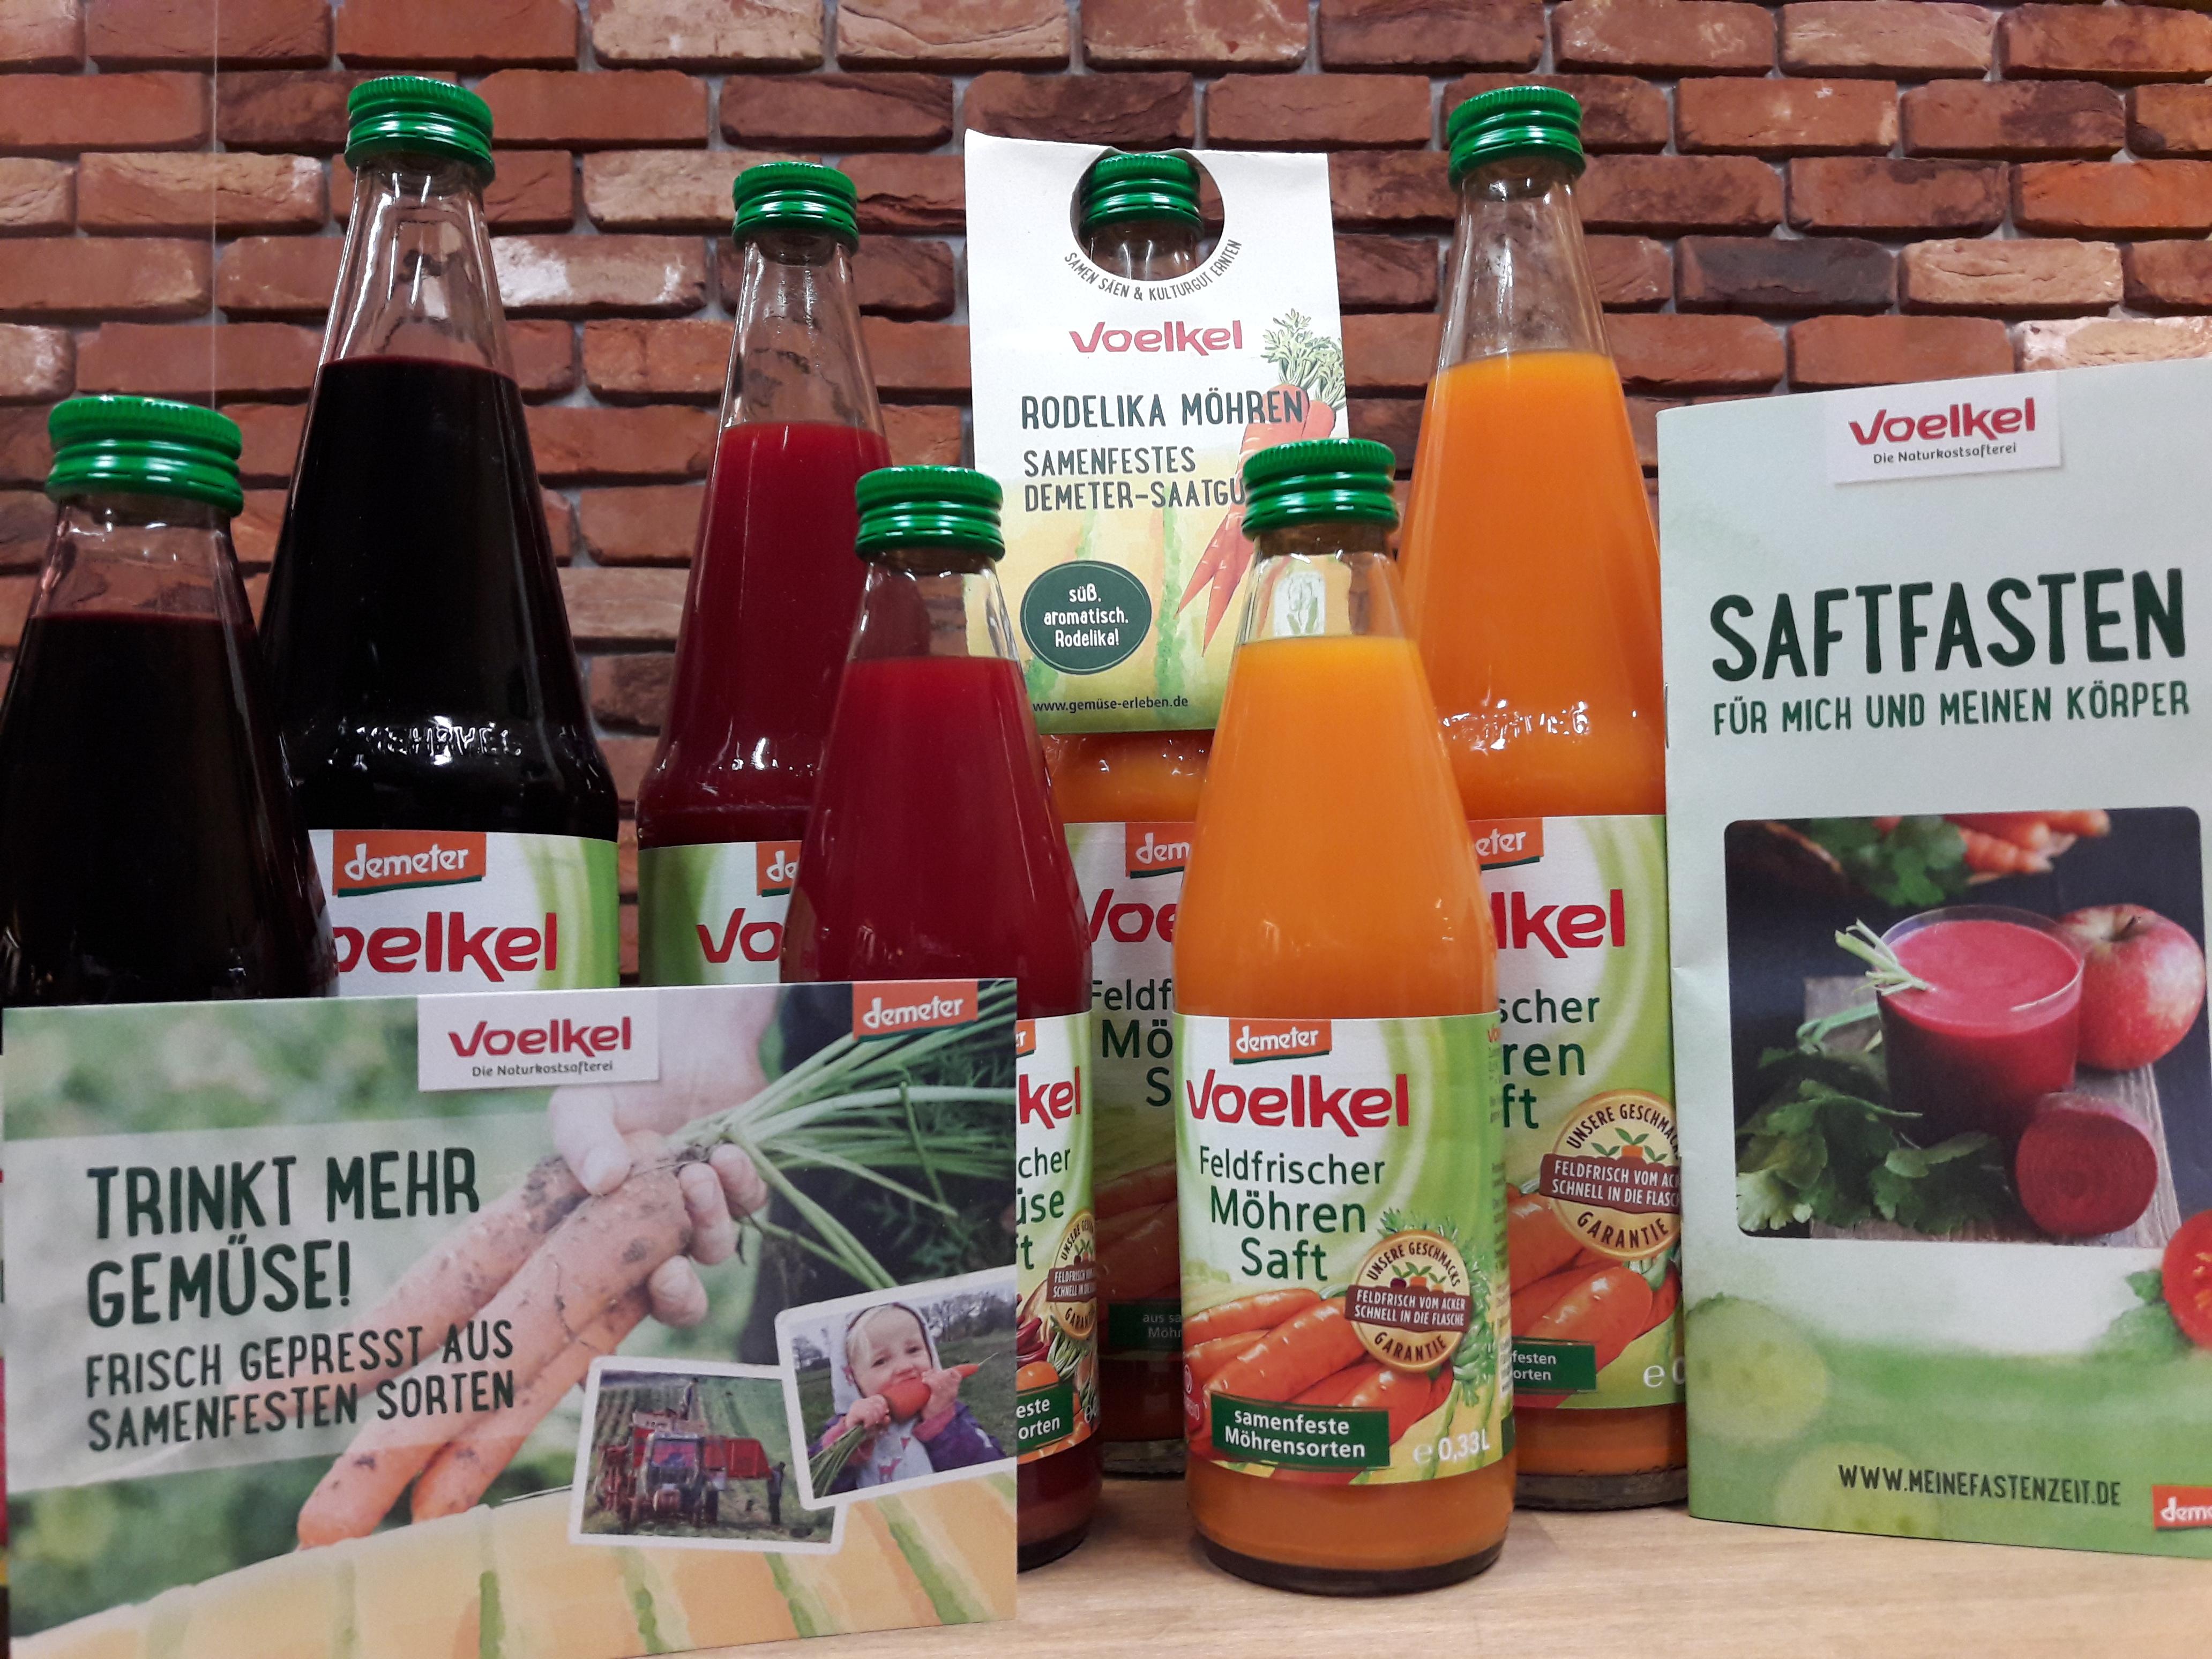 Nährstoffreich und lecker: Tanken Sie Energie mit unseren erntefrisch gepressten Voelkel Bio-Gemüsesäften!